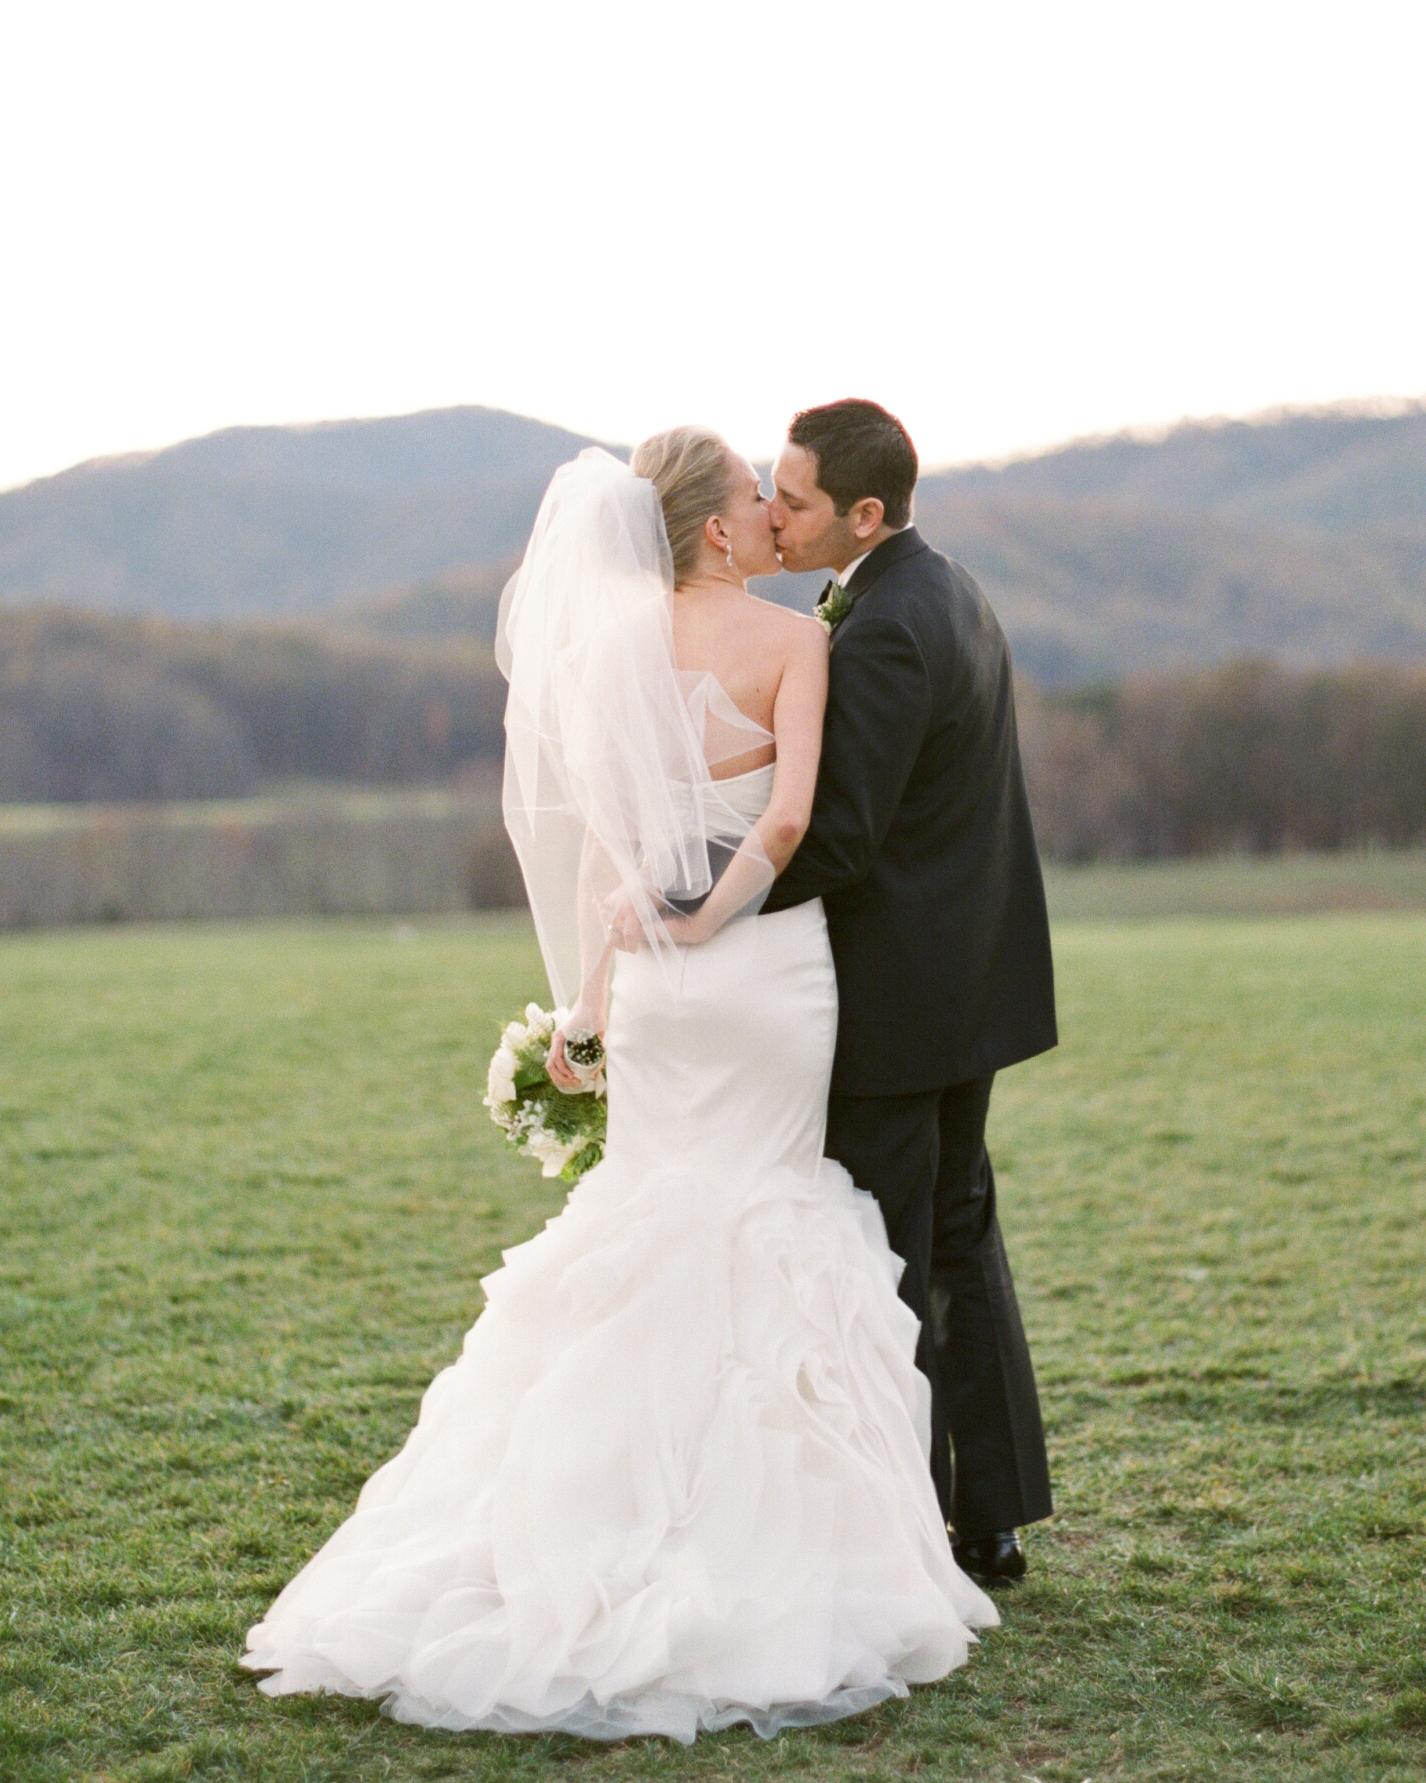 A Formal Rustic Destination Wedding in Virginia